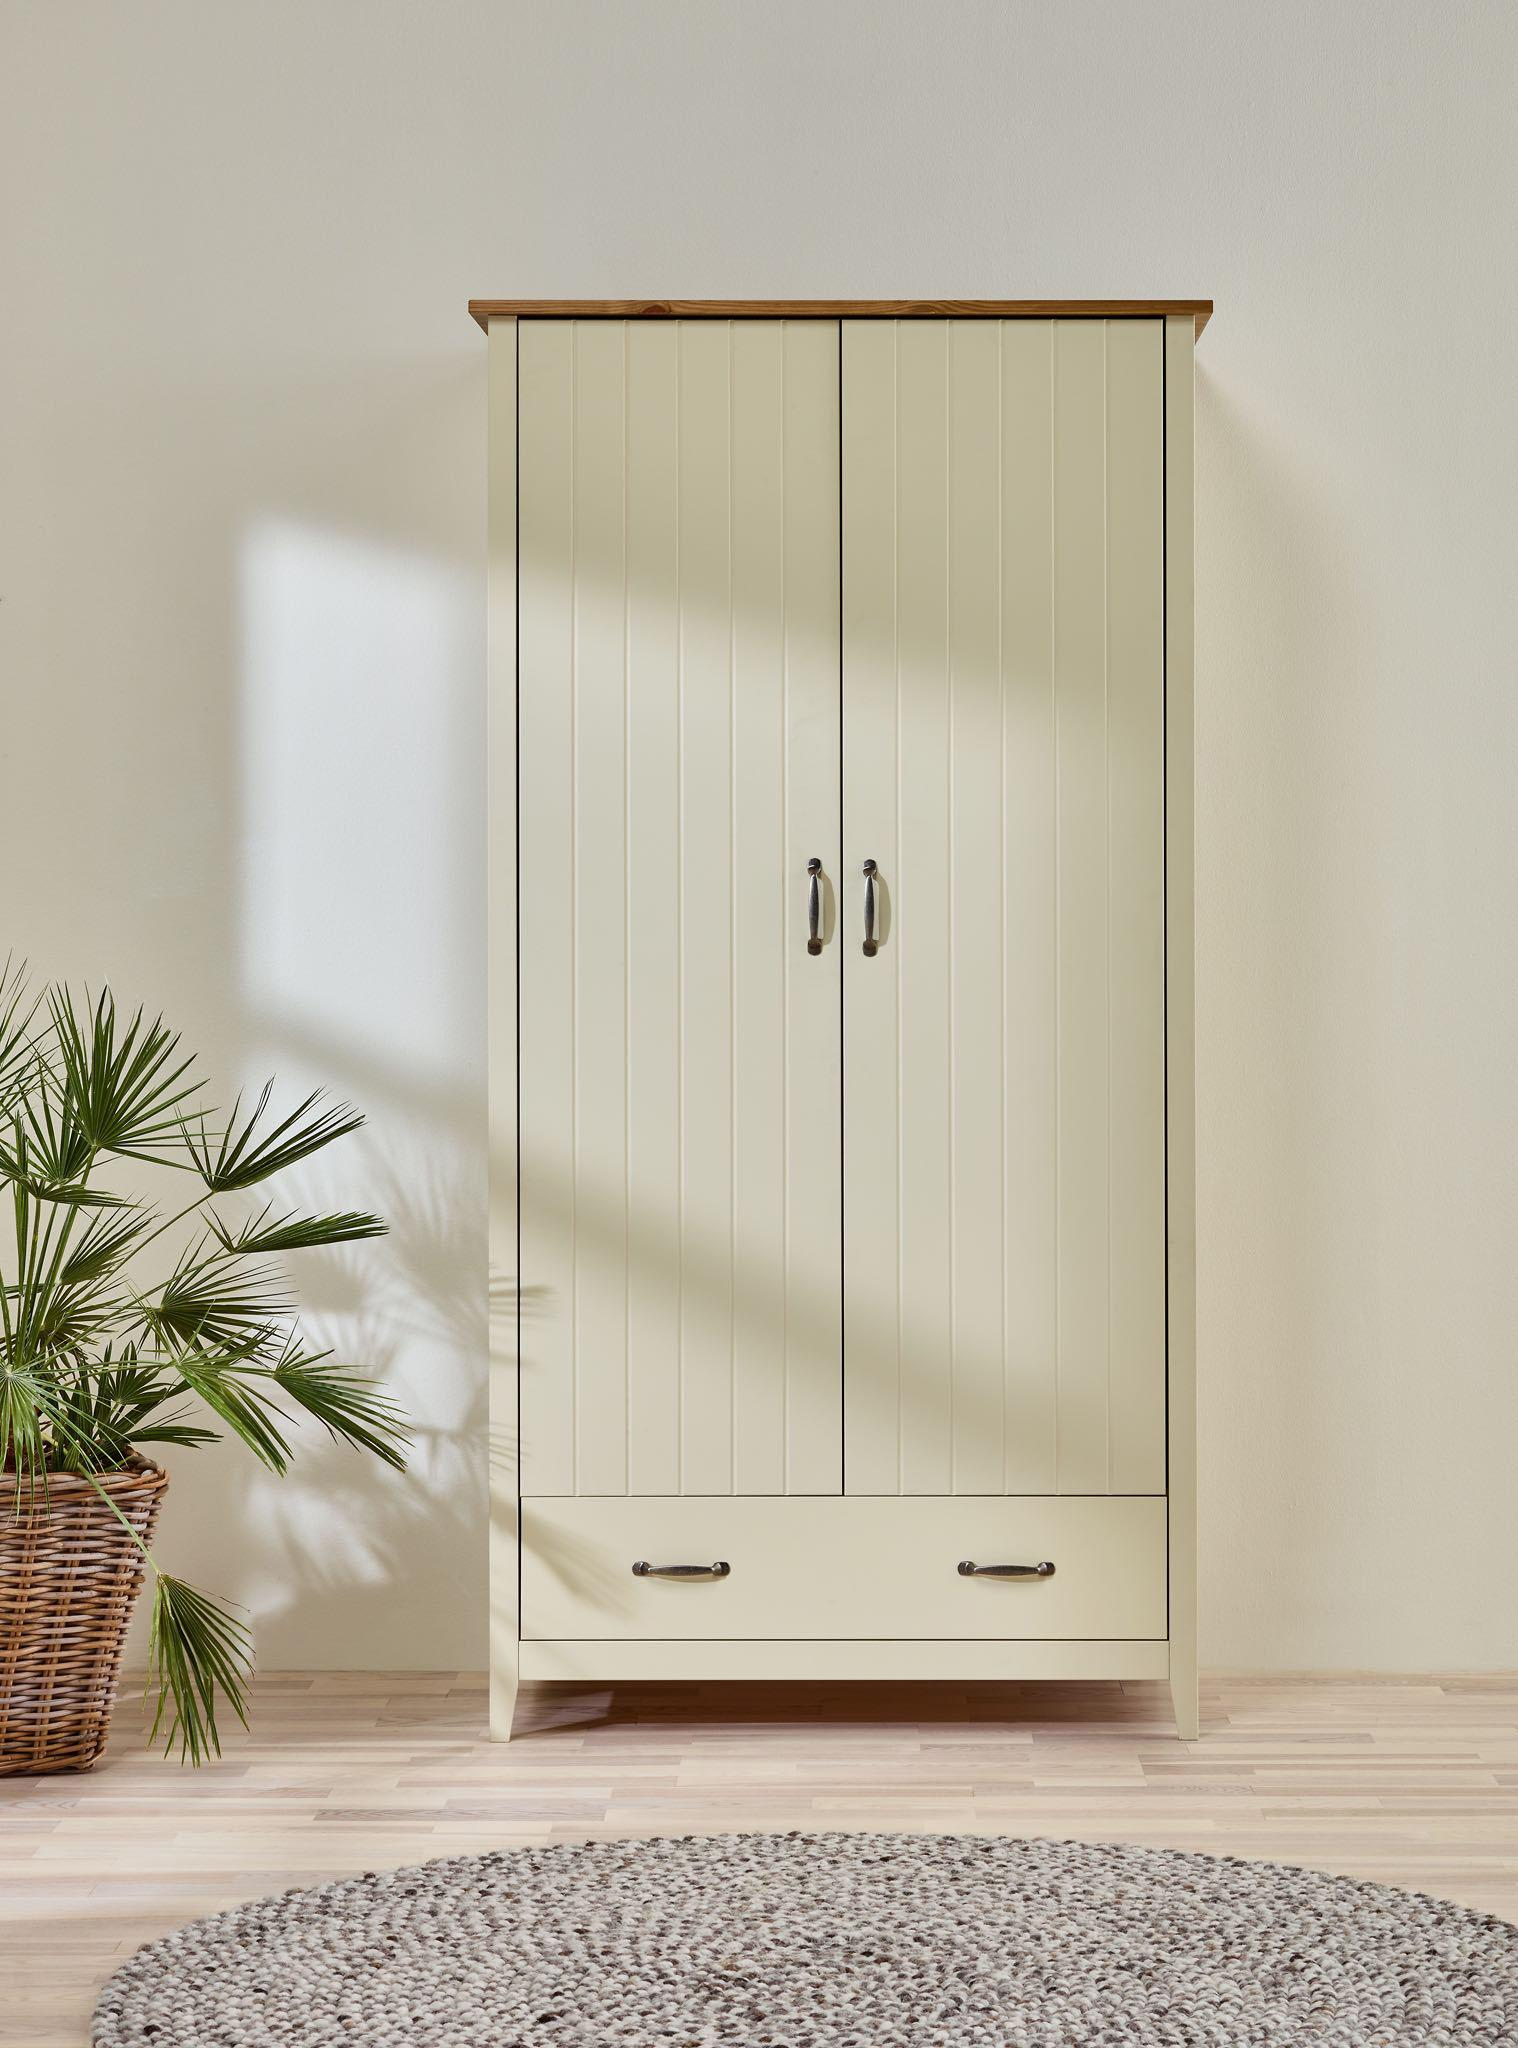 Home affaire Kleiderschrank Norfolk 2-trg Breite 99 cm